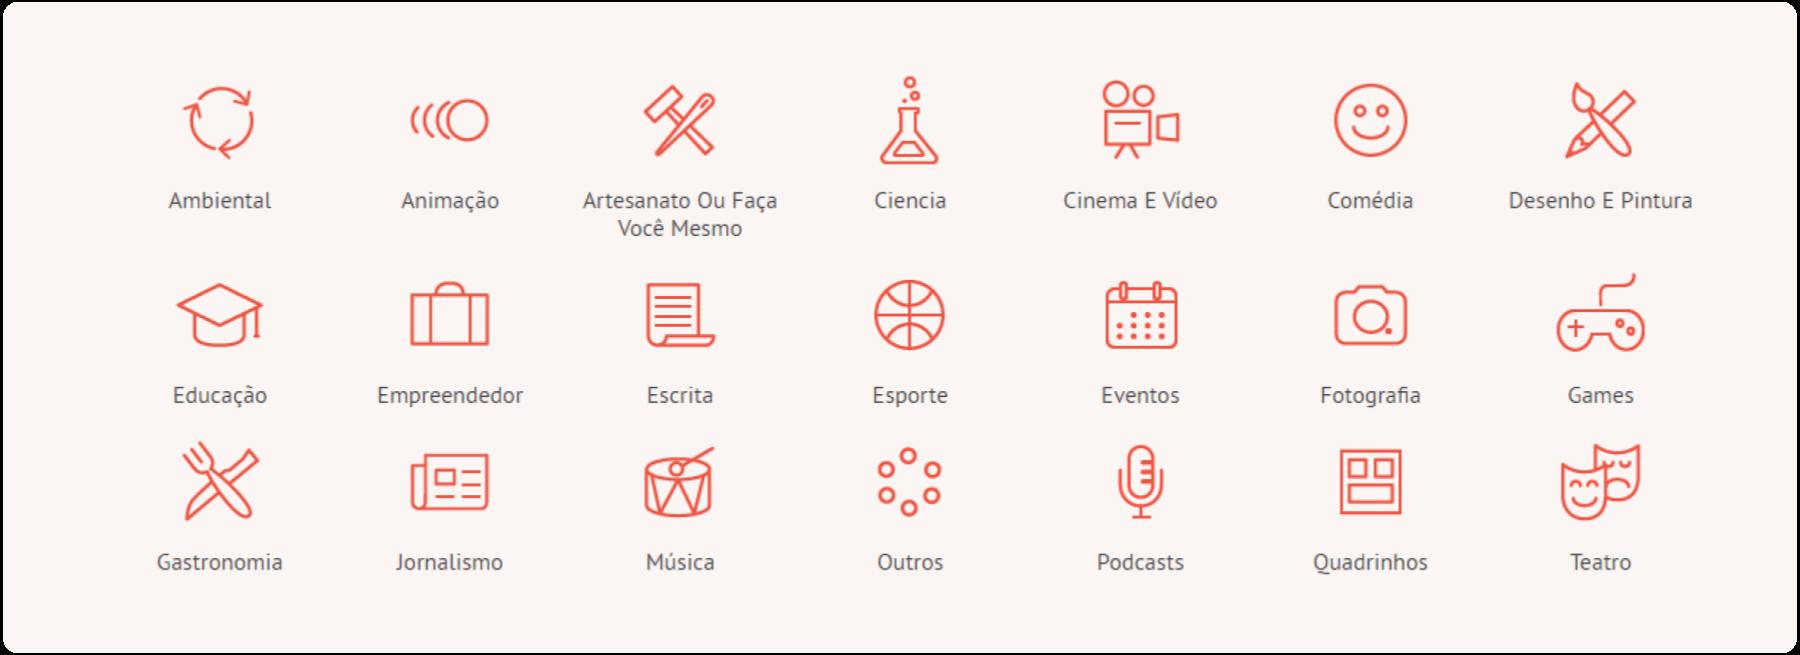 Categorias dos financiamentos coletivos recorrentes da APOIA.se